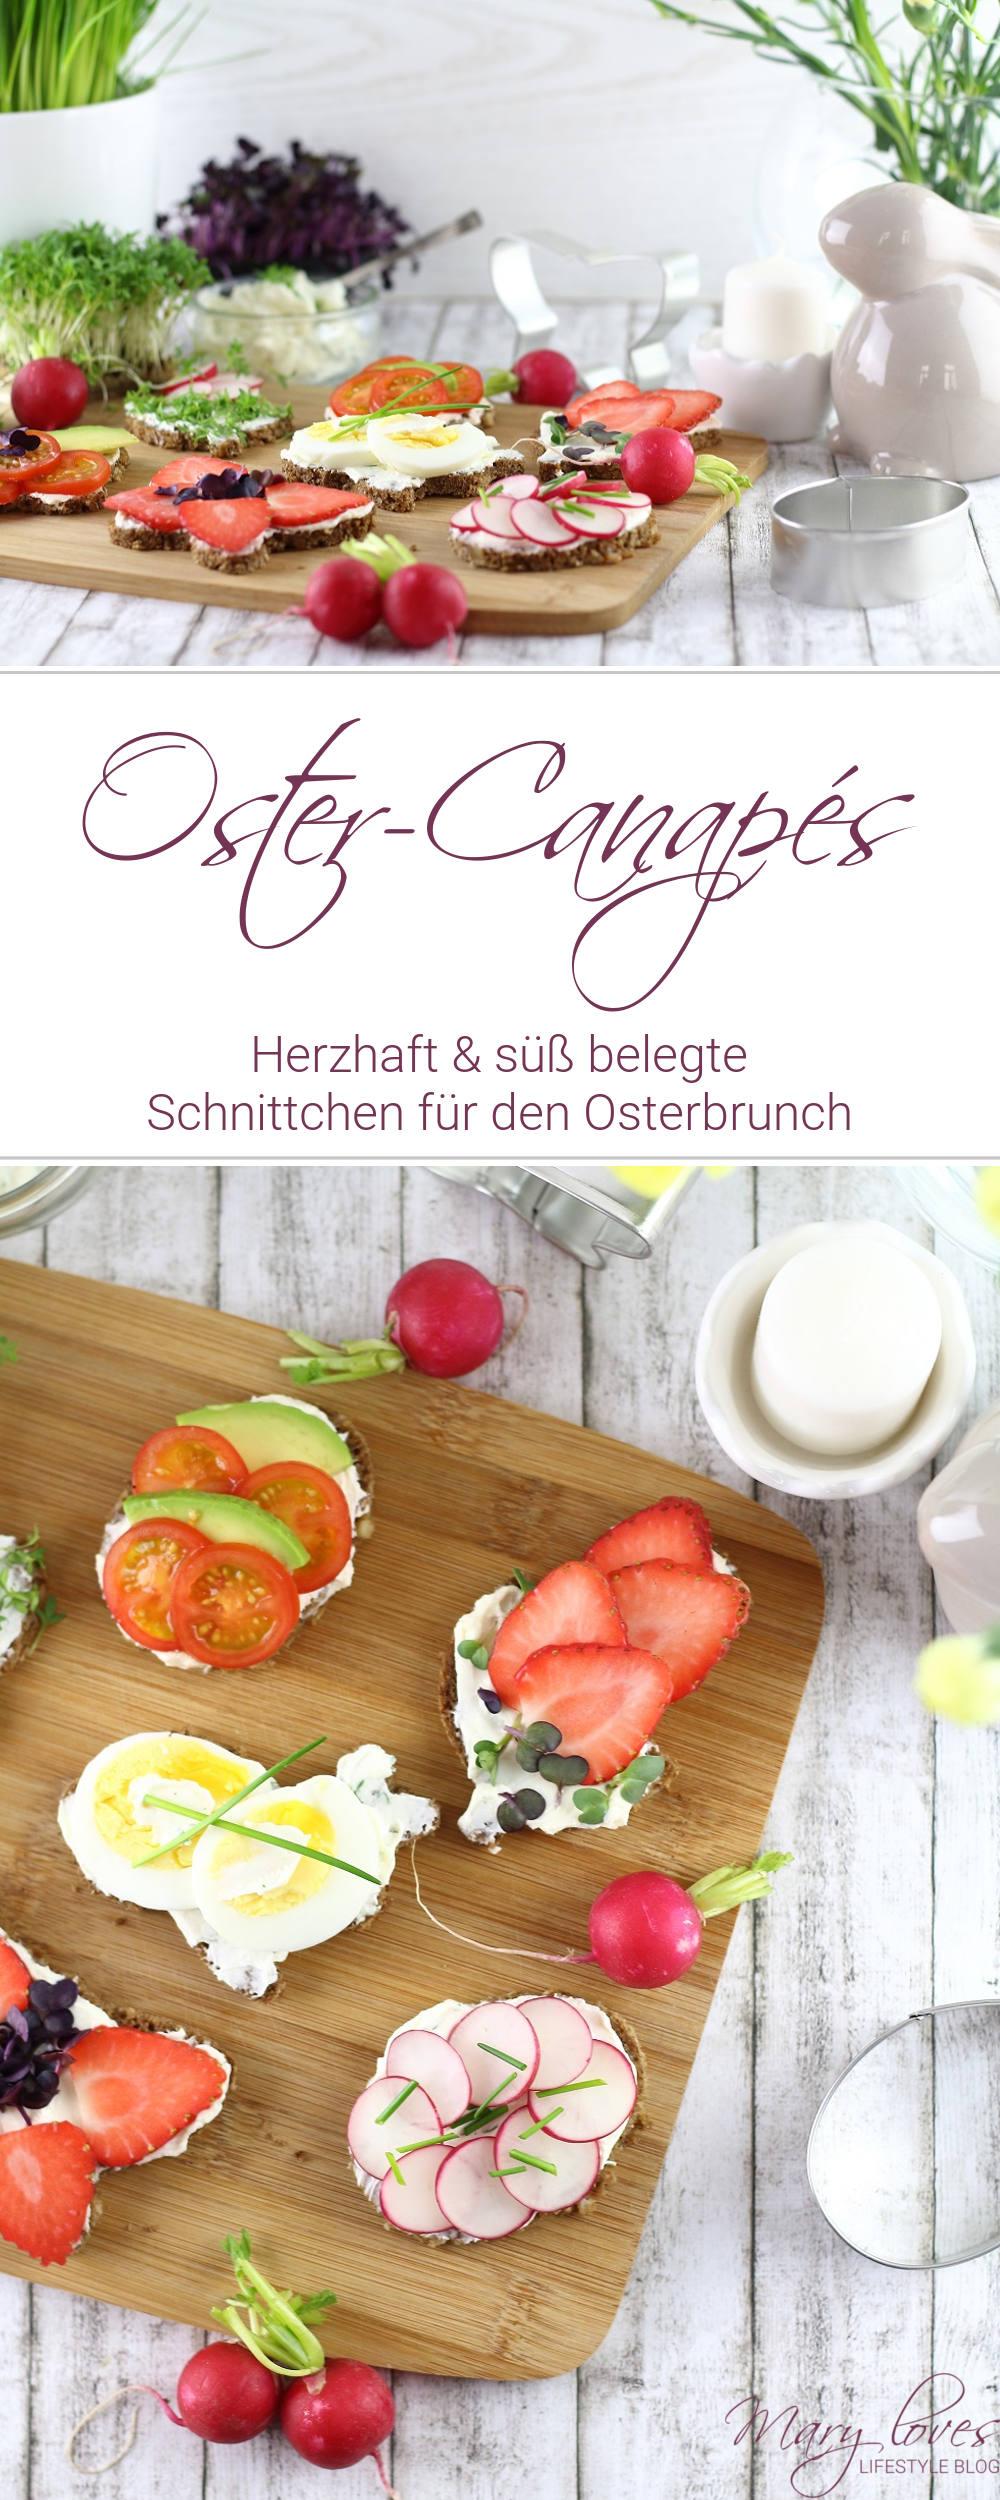 Herzhafte und süße Oster-Canapés als Vorspeise für den Osterbrunch - #ostern #ostercanapes #canapes #ostervorspeise #osterbrunch #osteridee #vegetarisch